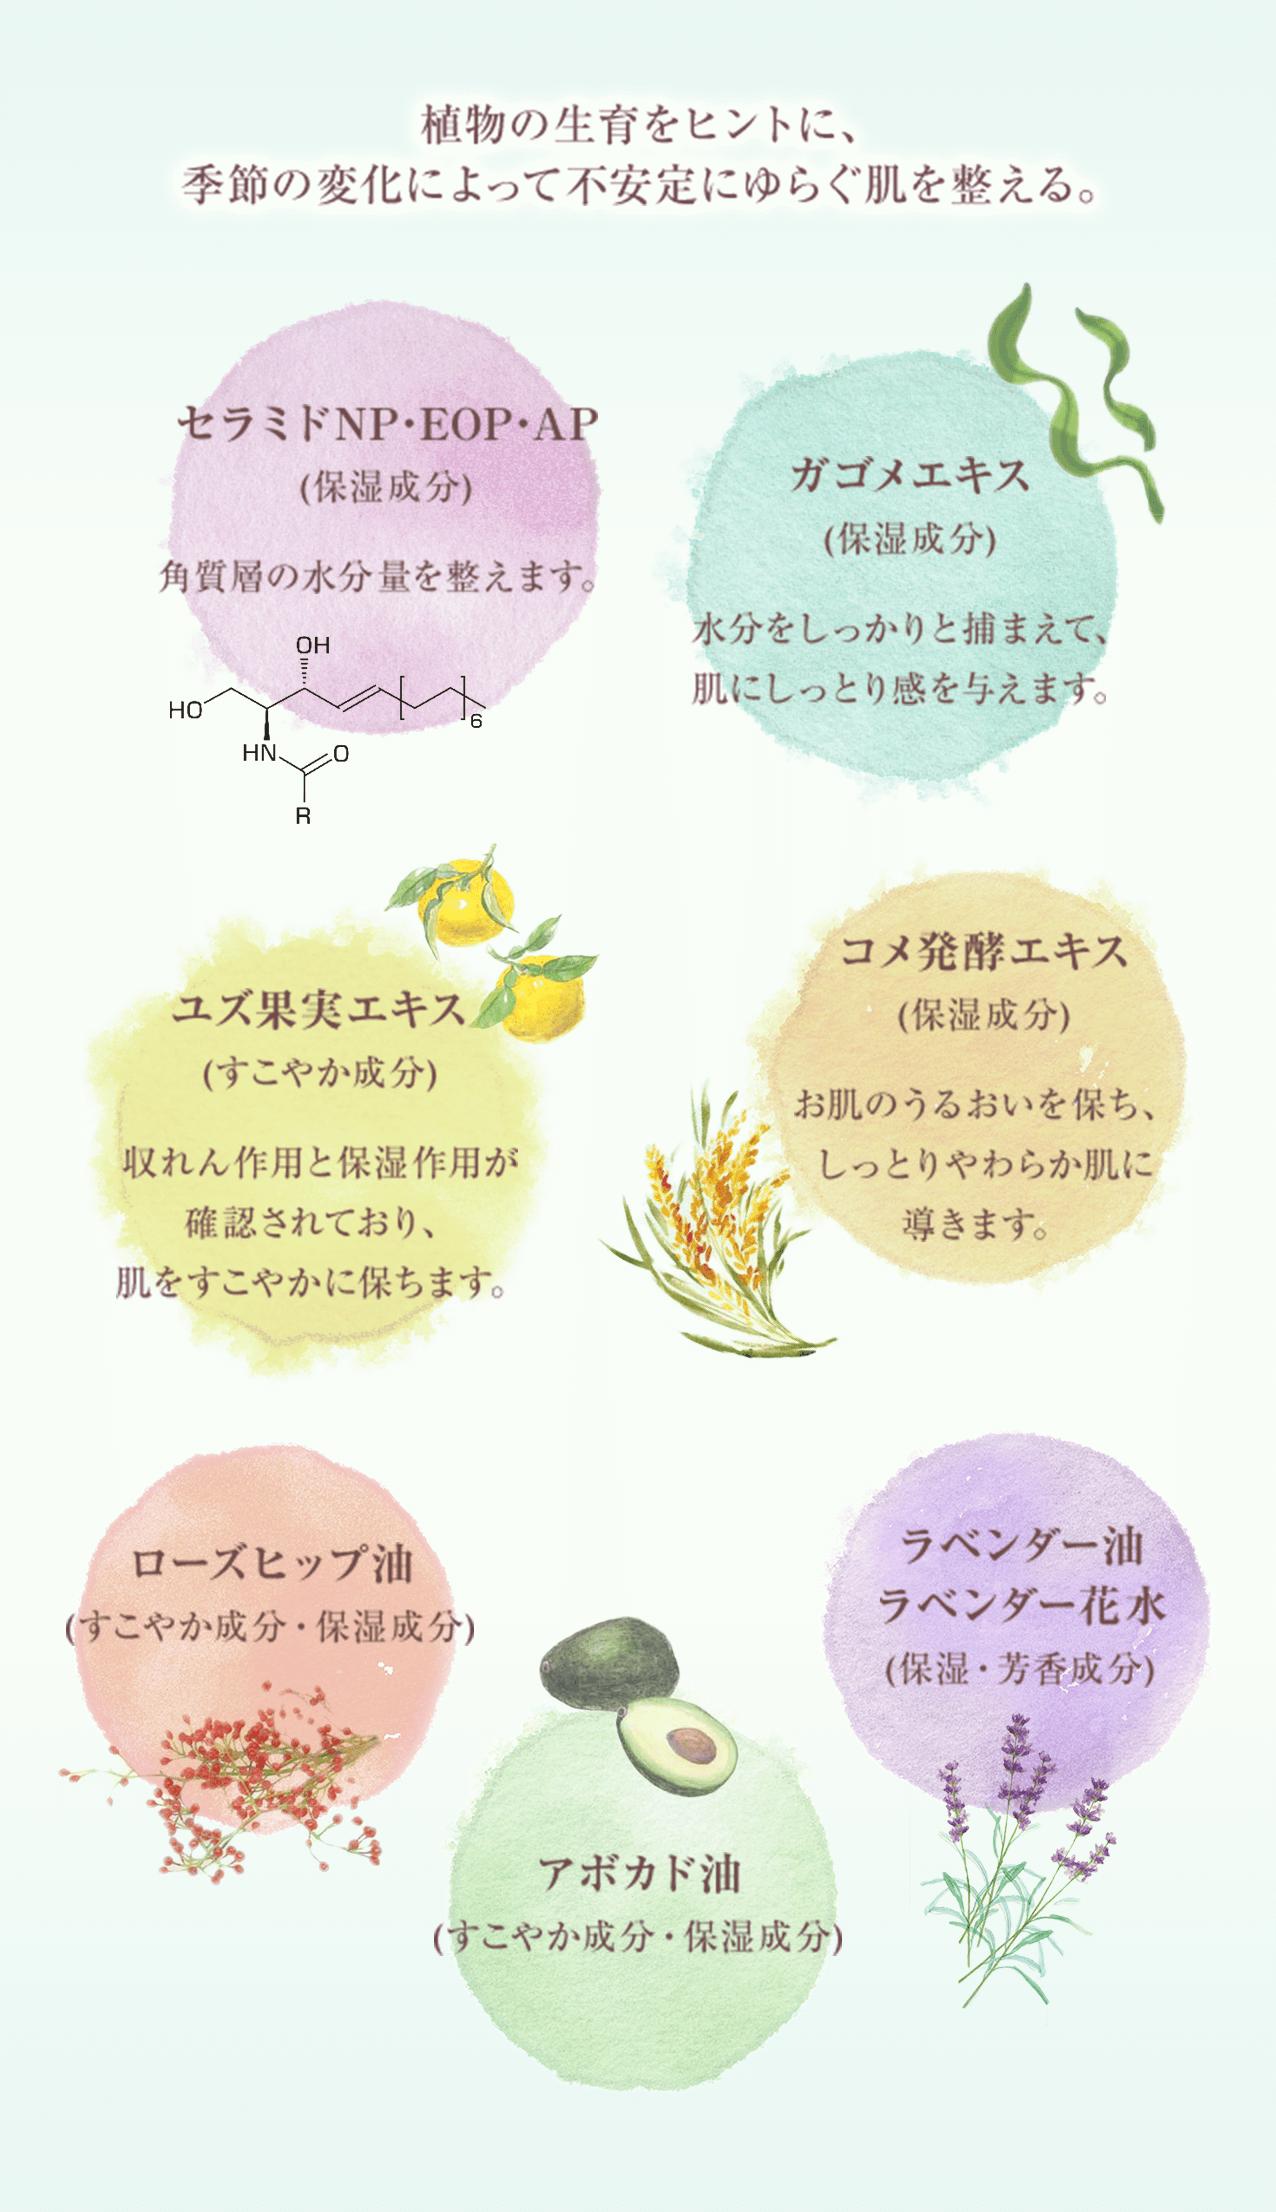 植物の生育をヒントに、 季節の変化によって不安定にゆらぐ肌を整える。 セラミドNP・EOP・AP (保湿成分)  角質層の水分量を整えます。 ガゴメエキス (保湿成分)  水分をしっかりと捕まえて、肌にしっとり感を与えます。 ユズ果実エキス (すこやか成分)  収れん作用と保湿作用が確認されており、肌をすこやかに保ちます。 コメ発酵エキス (保湿成分)  お肌のうるおいを保ち、しっとりやわらか肌に導きます。 ローズヒップ油 (すこやか成分・保湿成分) アボカド油 (すこやか成分・保湿成分) ラベンダー油 ラベンダー花水 (保湿・芳香成分)